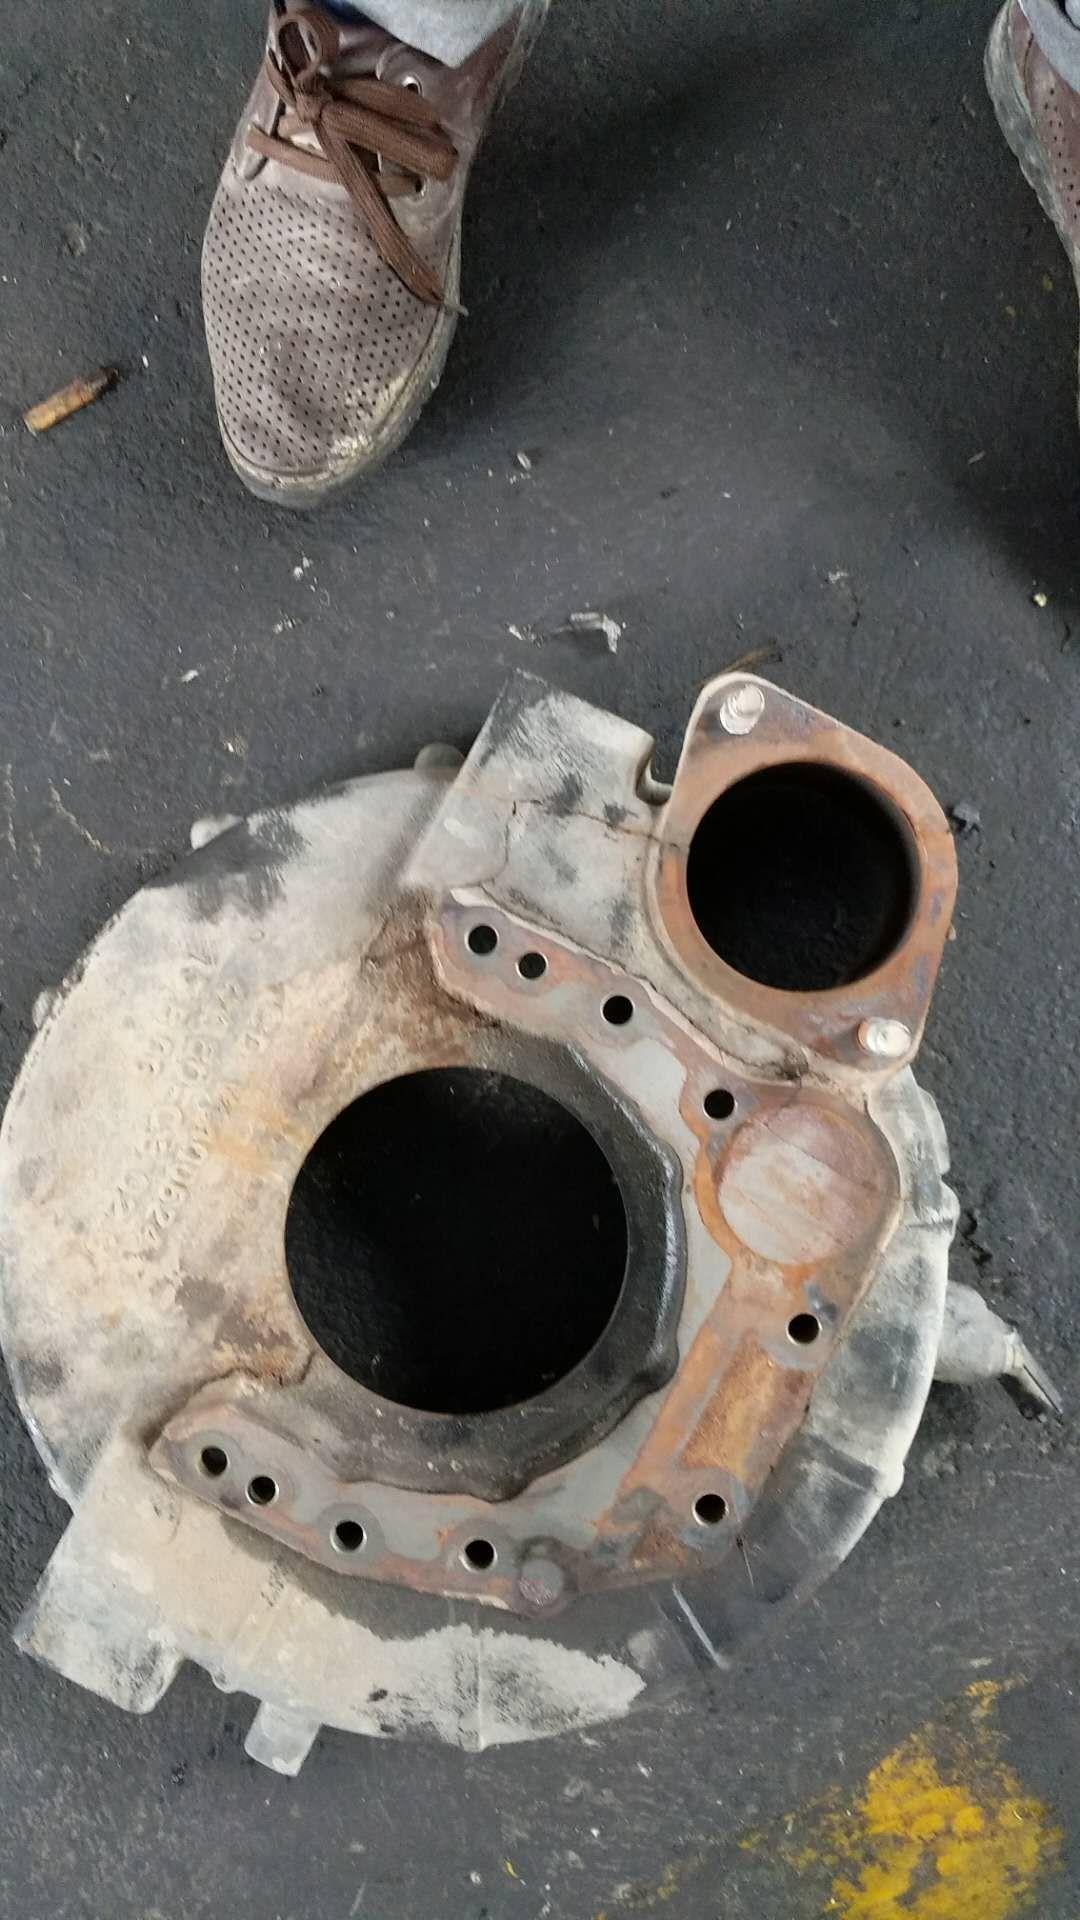 发动机飞轮壳损坏 ;